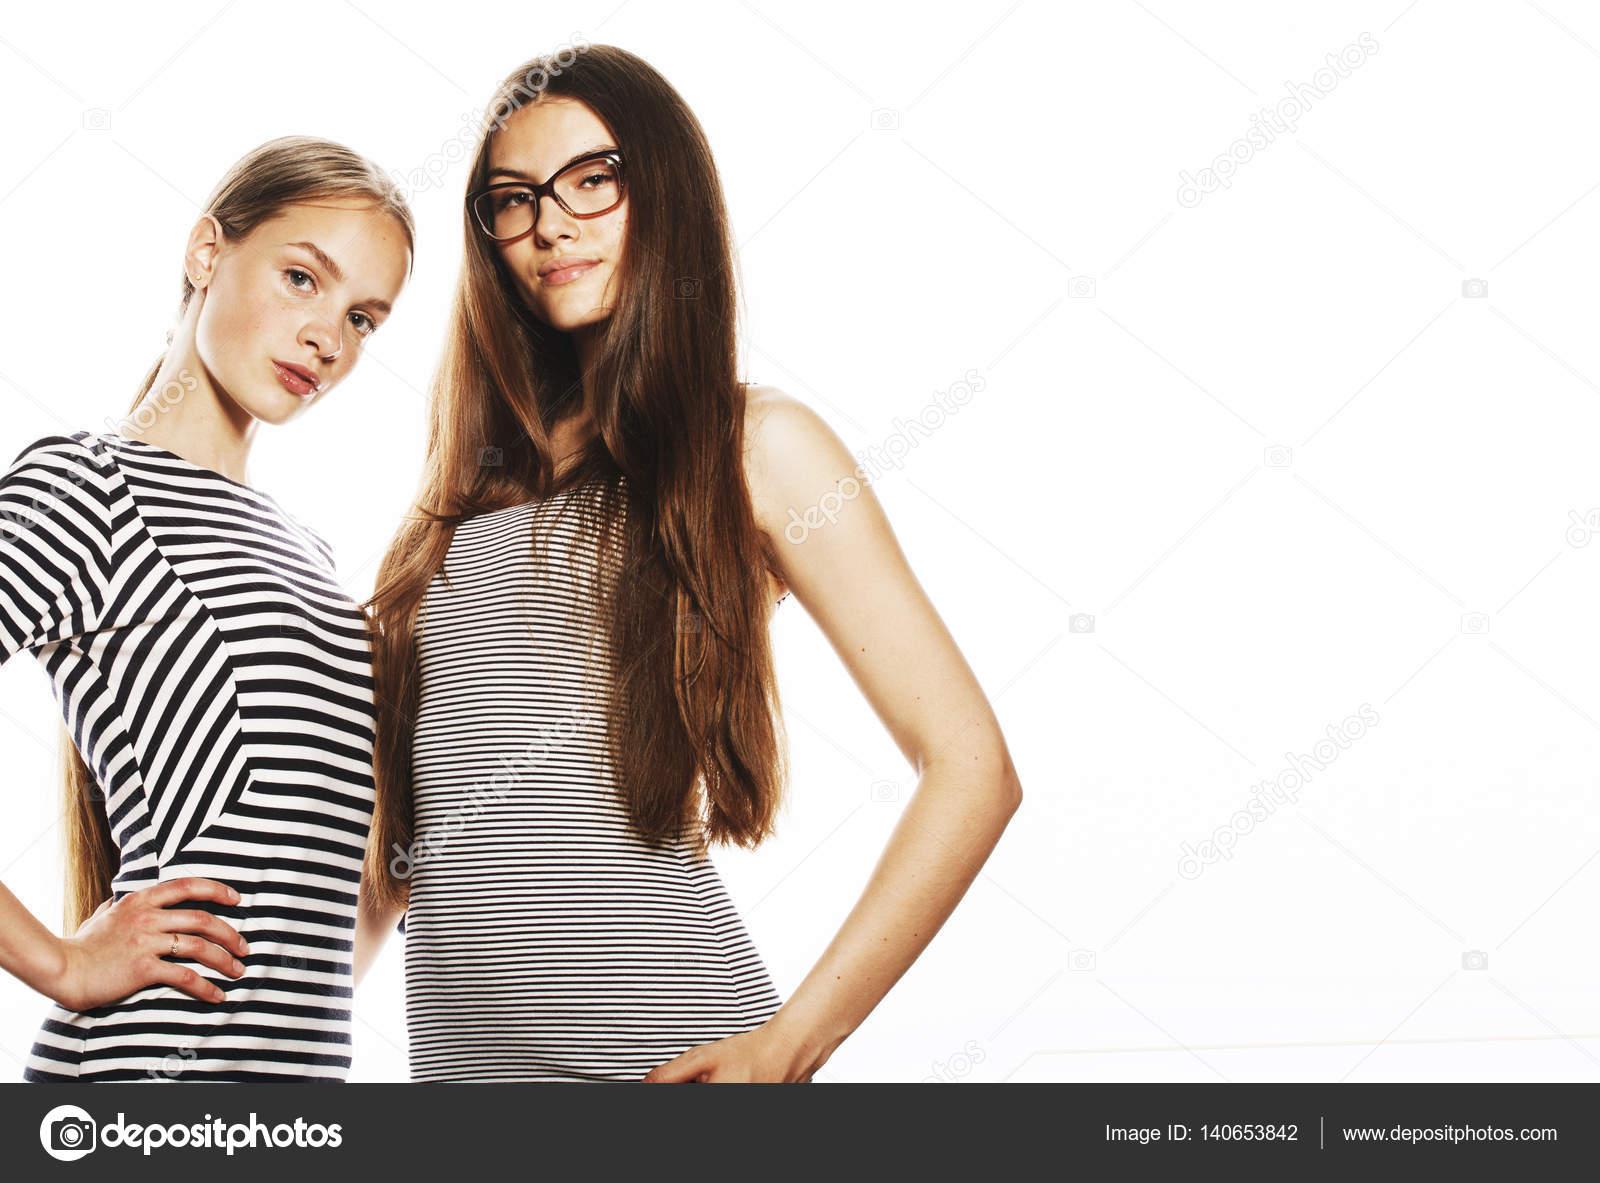 Teen girls in white